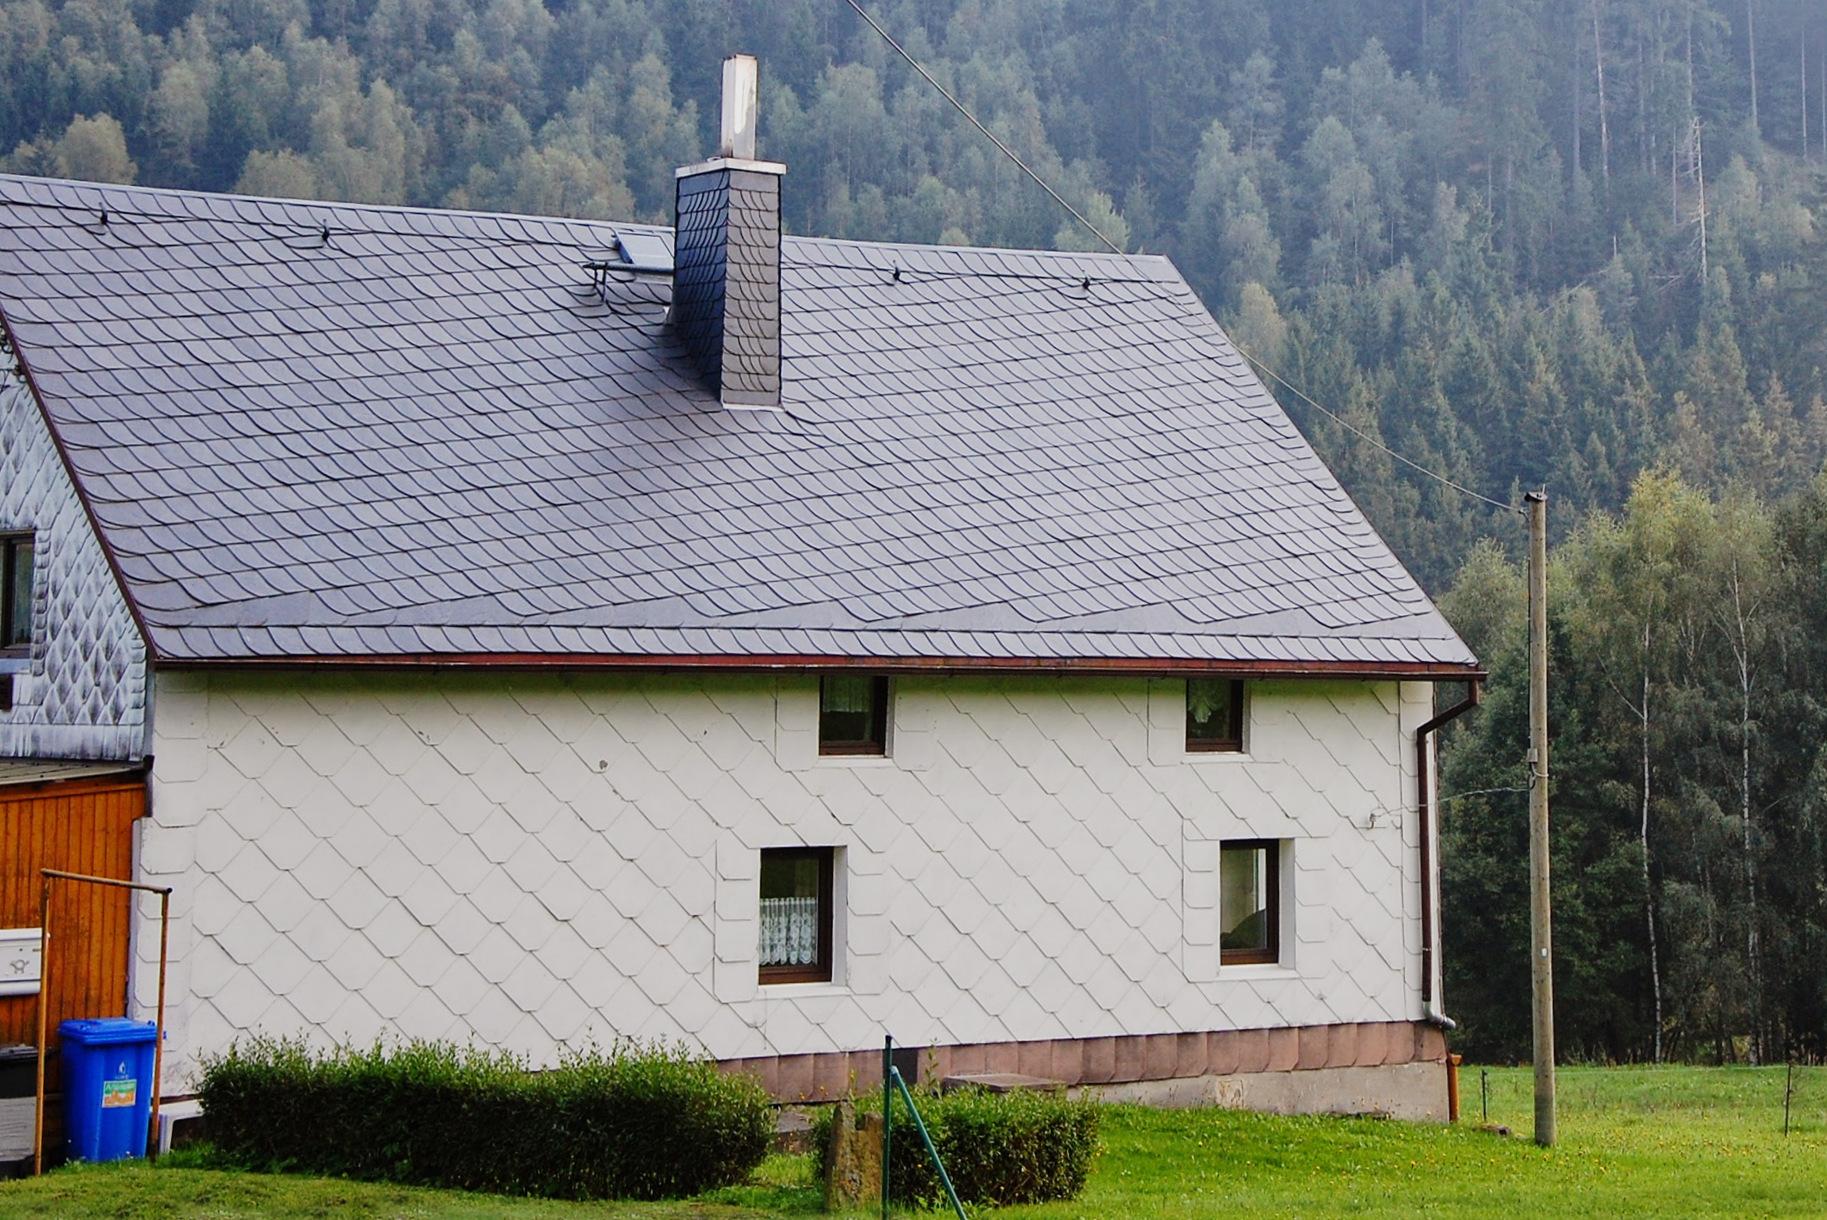 Naturschieferdach, Blankenberg, Saale-Orla-Kreis